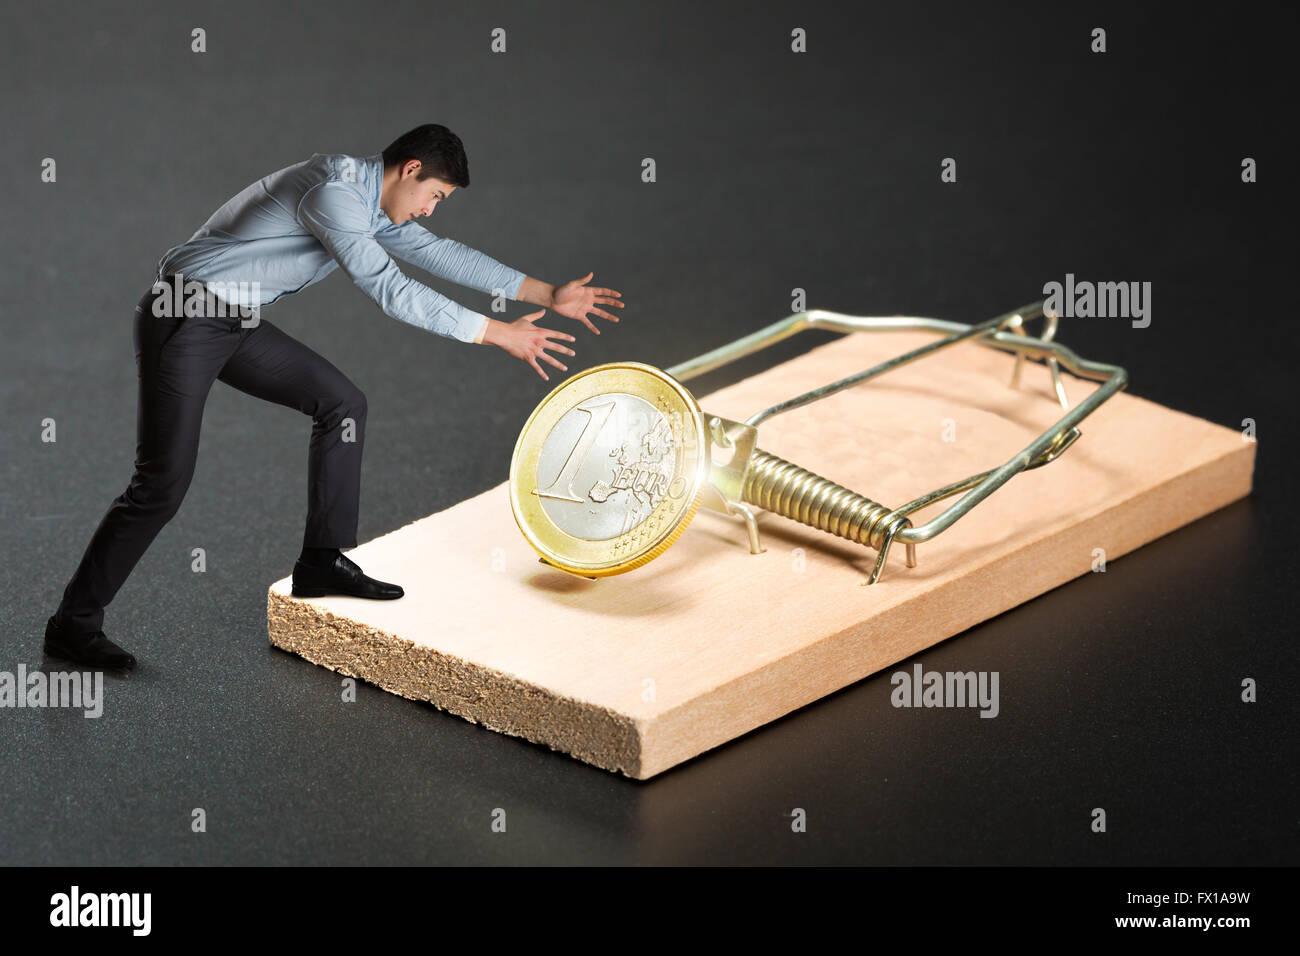 Uomo che cerca di scegliere una moneta in oro Immagini Stock